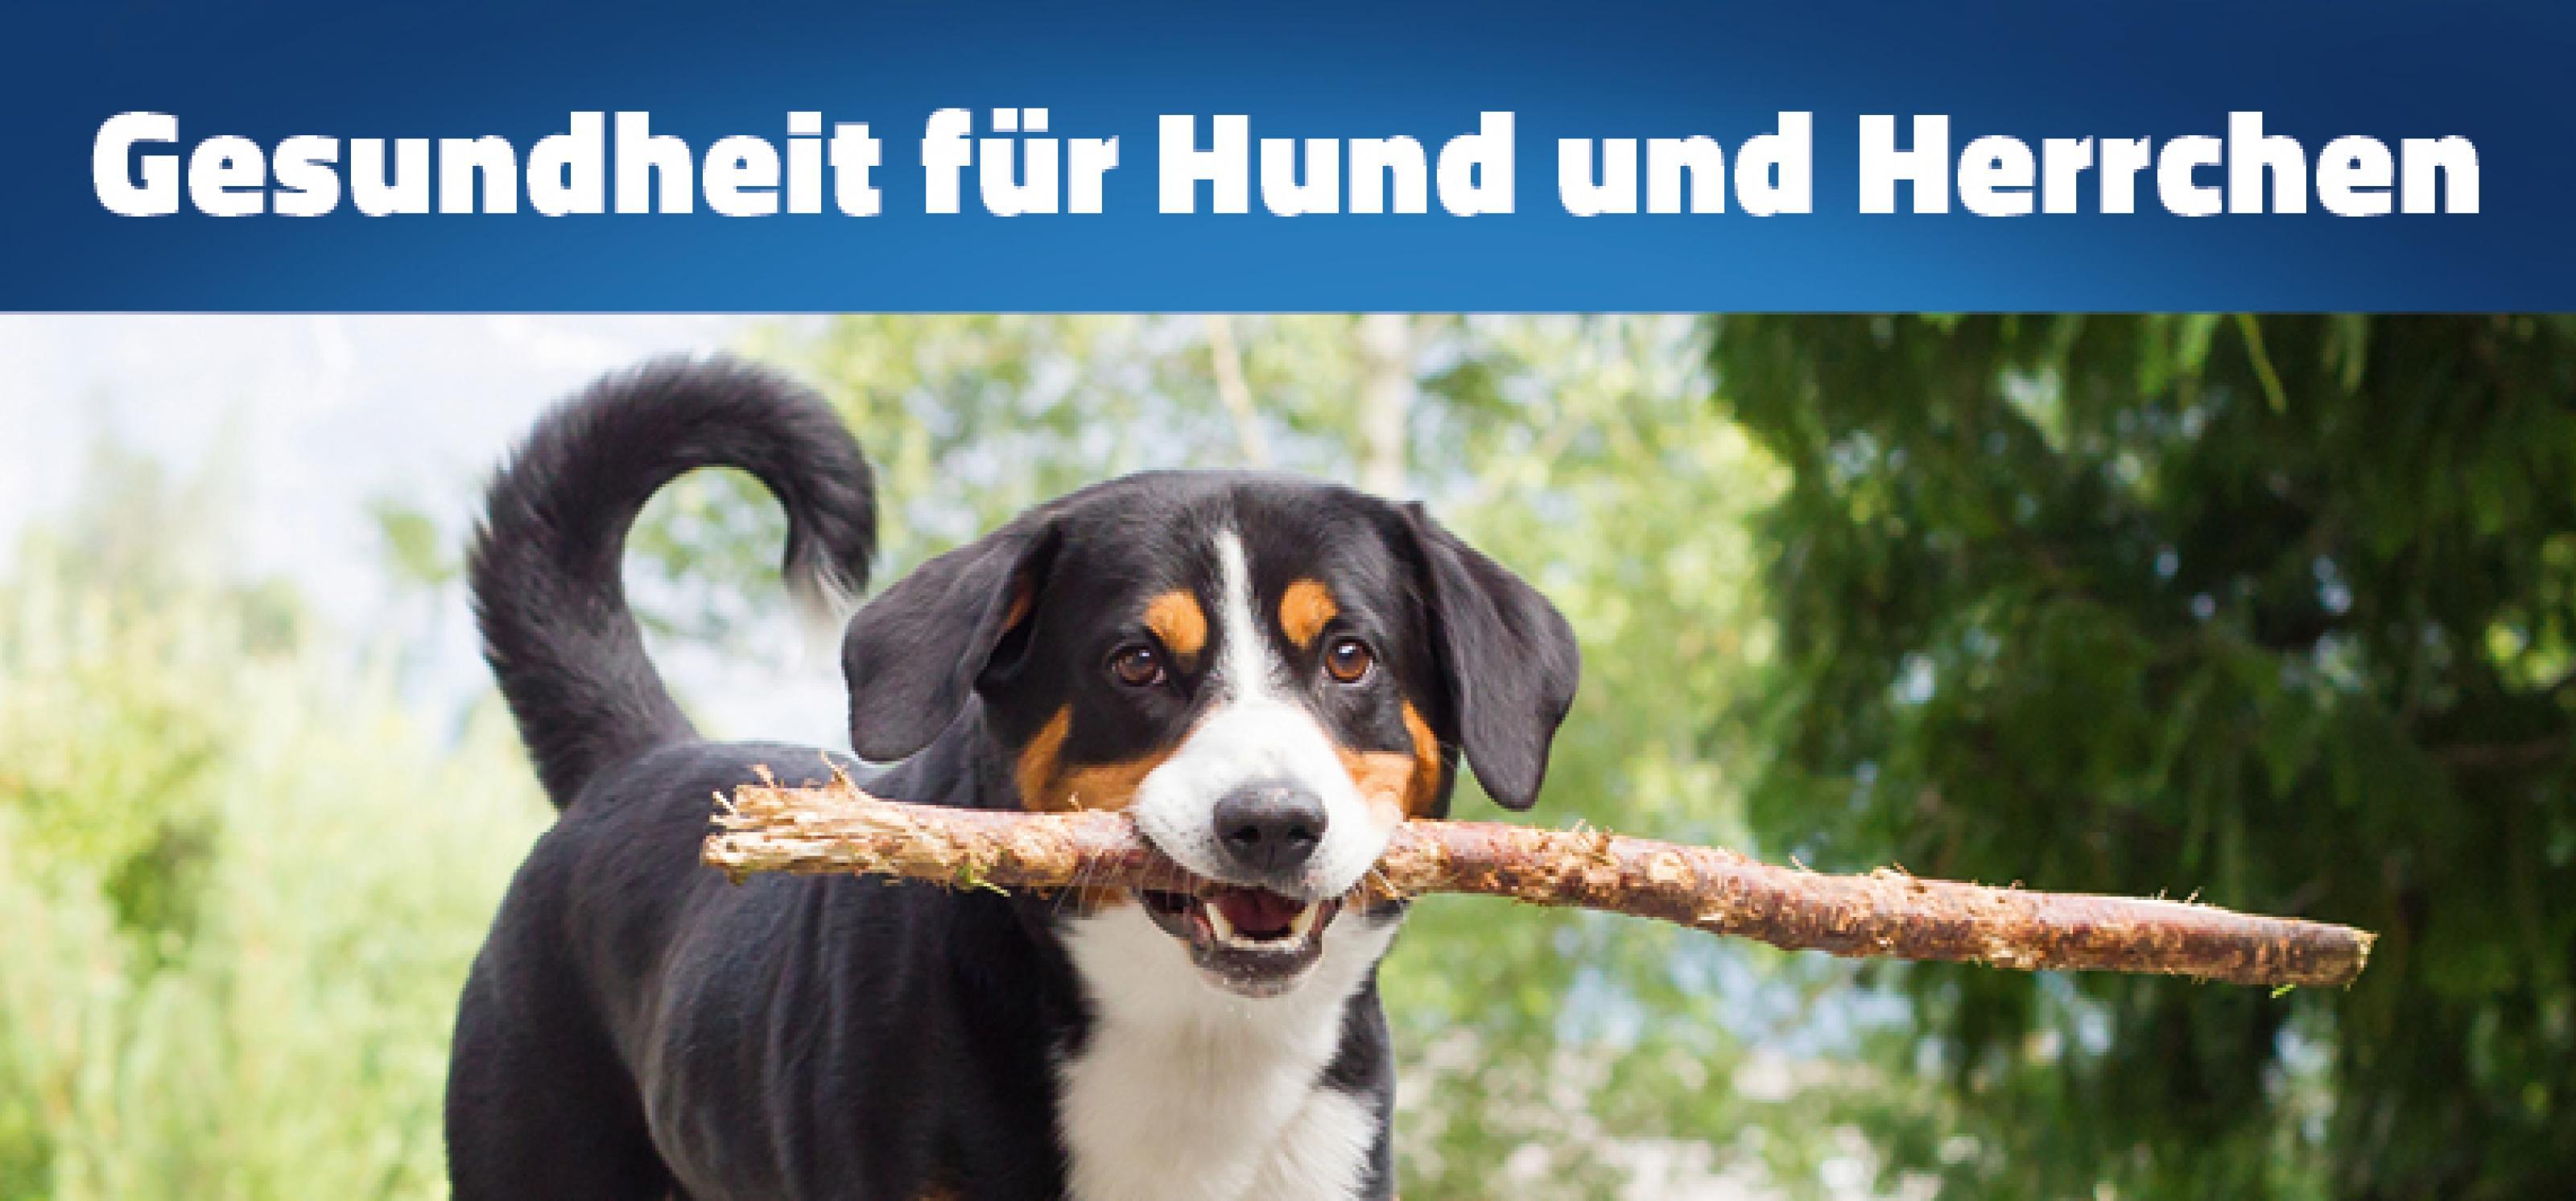 1 Pilotprojekt Gesundheit Für Hund Und Herrchen Startet In Kürze